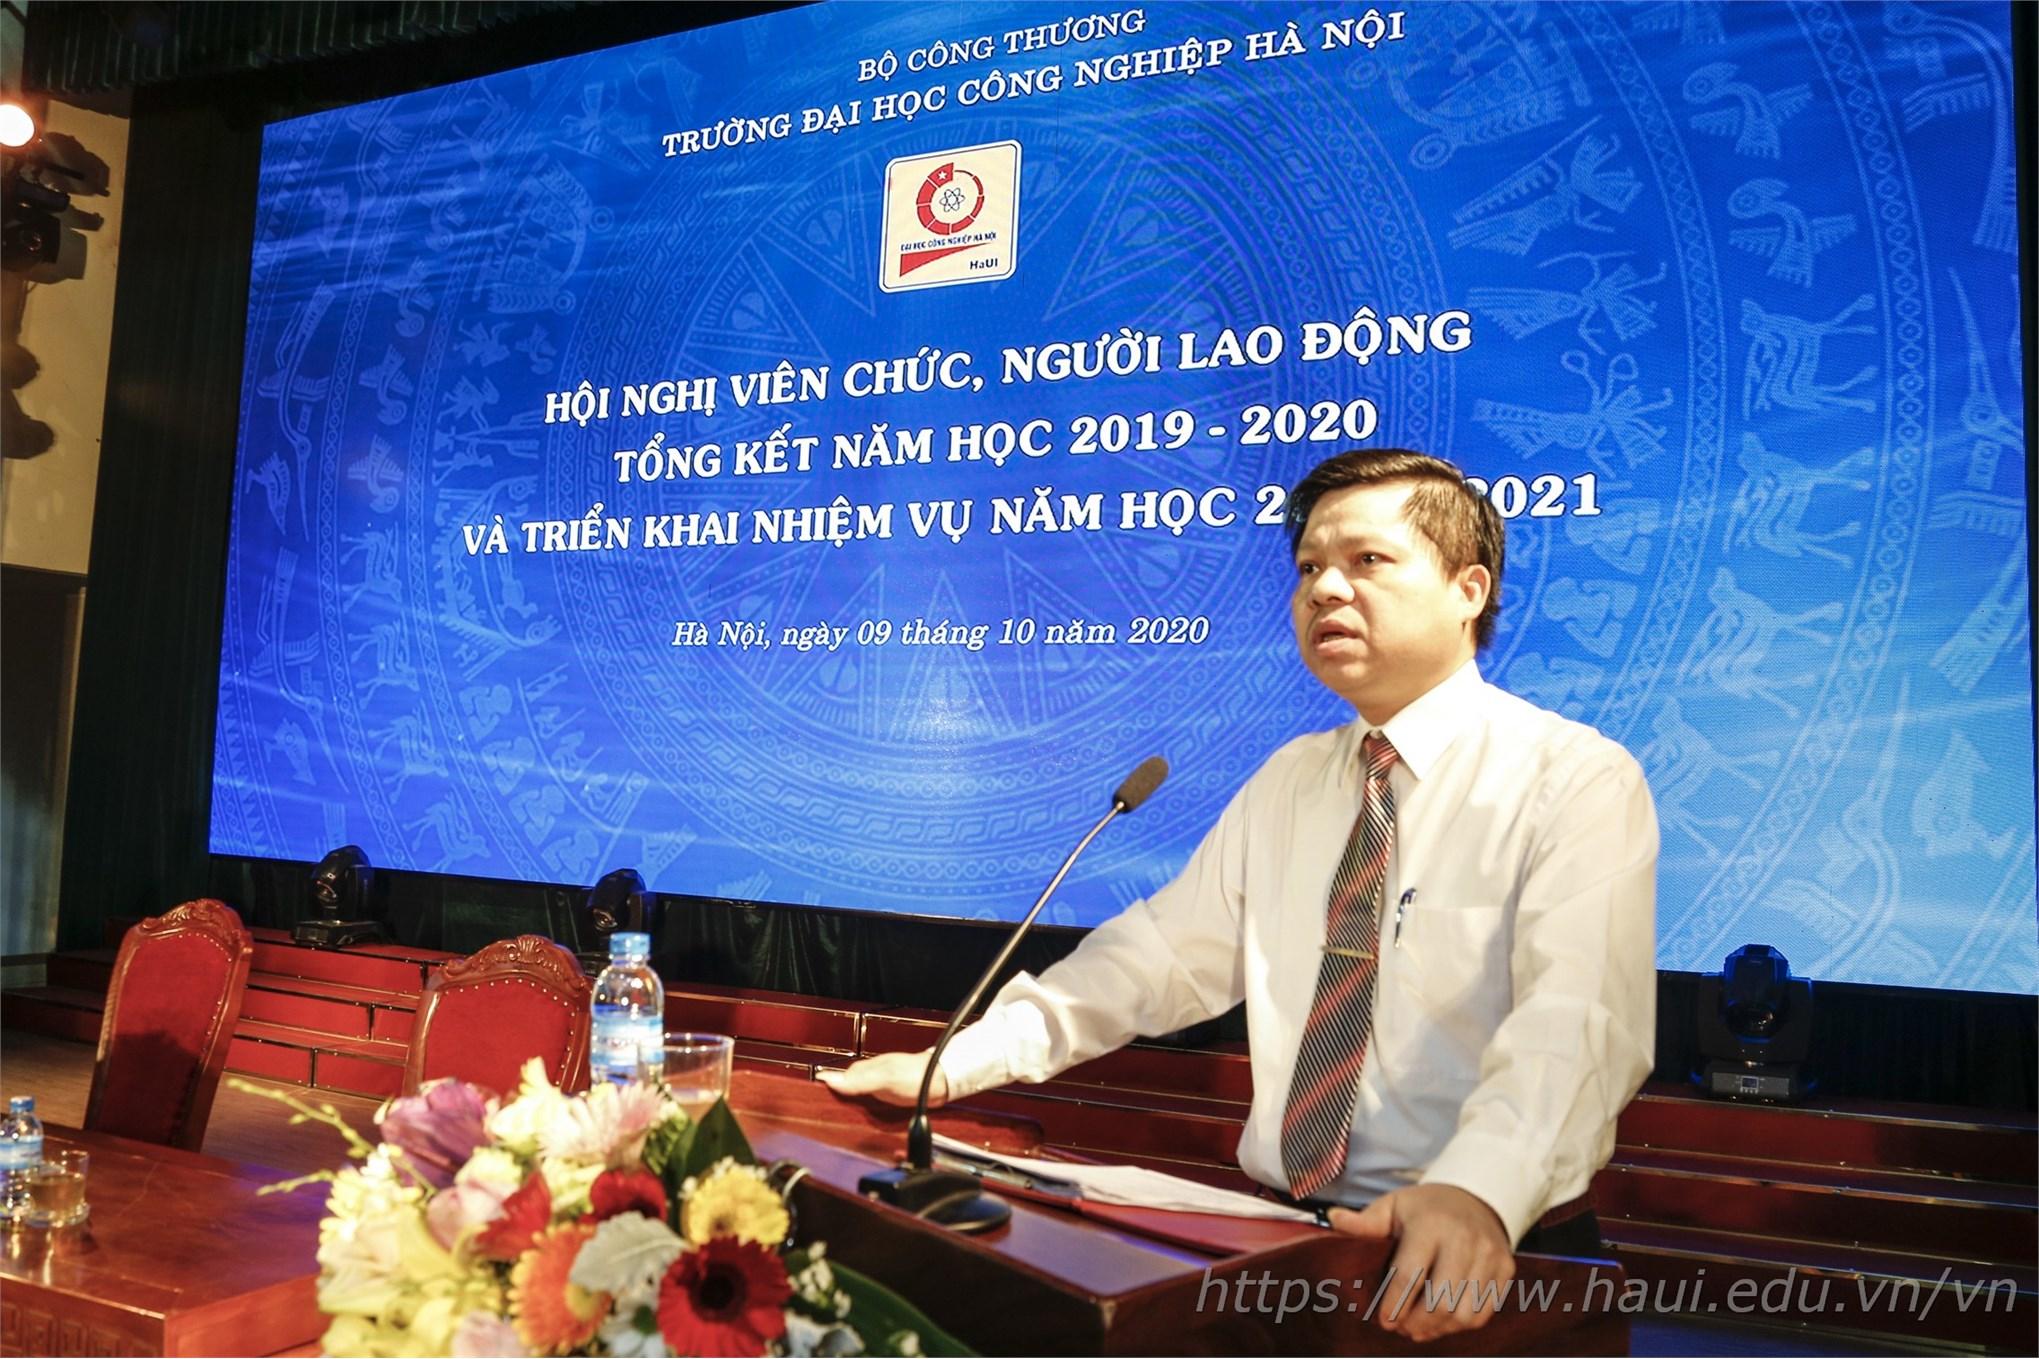 Hội nghị viên chức, tổng kết năm học 2019 - 2020 và triển khai nhiệm vụ năm học 2020 - 2021